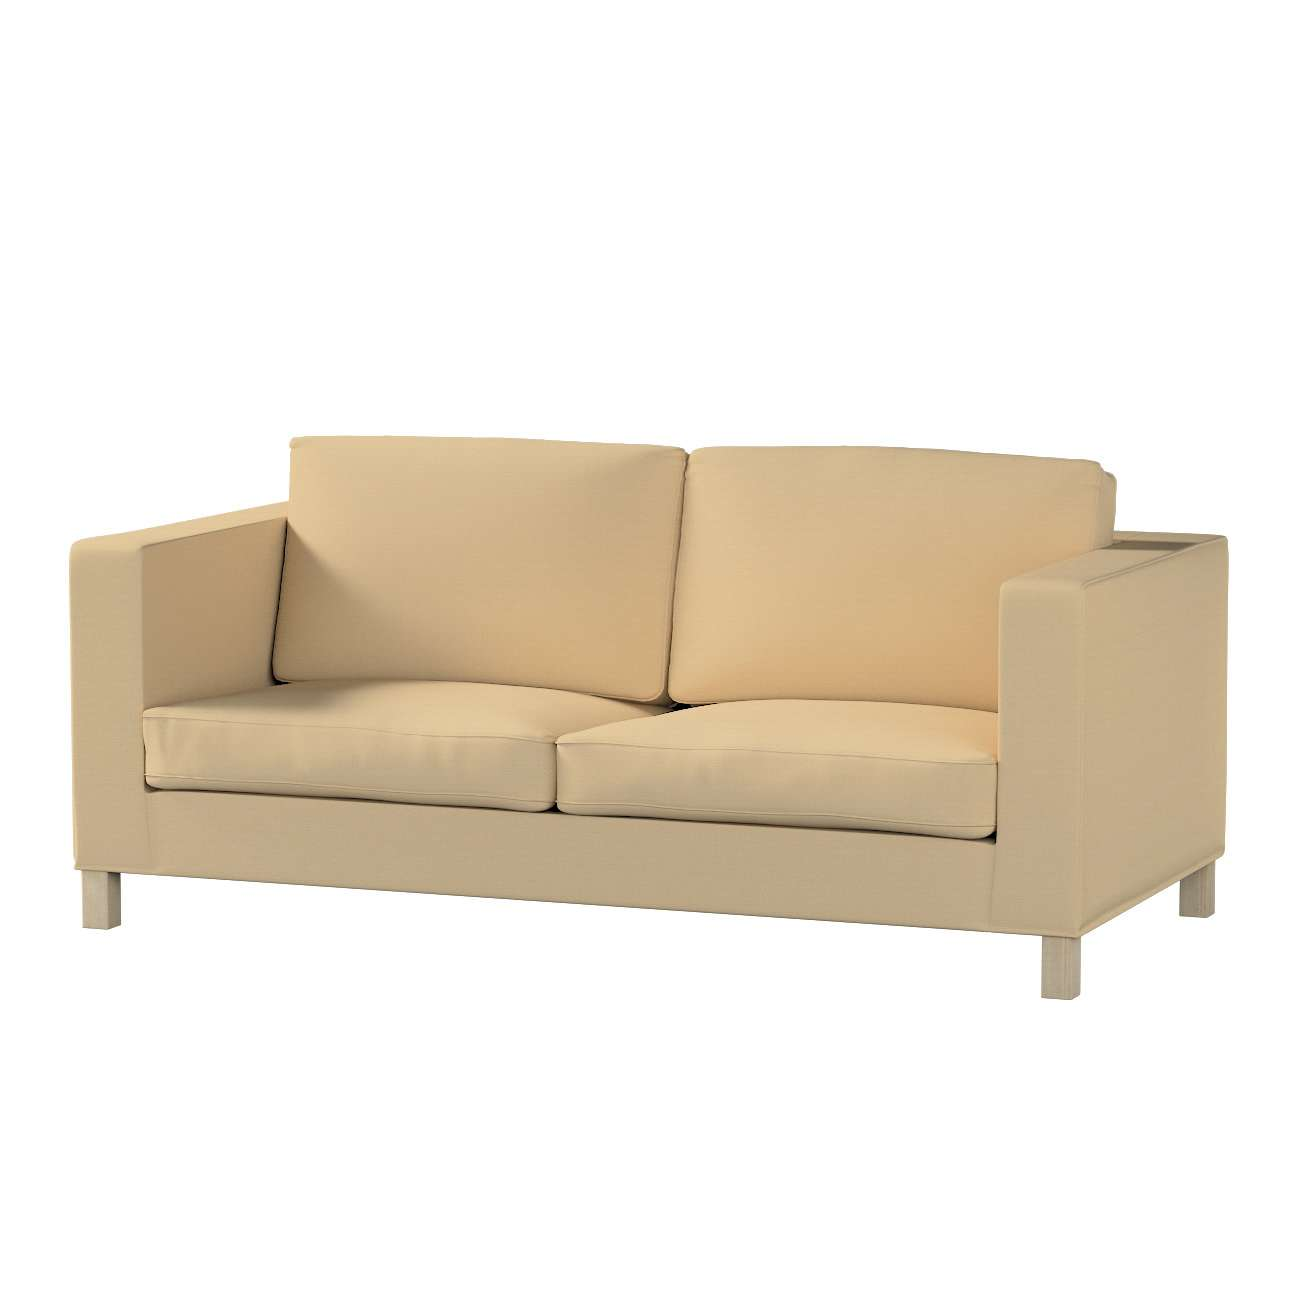 Pokrowiec na sofę Karlanda rozkładaną, krótki Sofa Karlanda rozkładana w kolekcji Cotton Panama, tkanina: 702-01